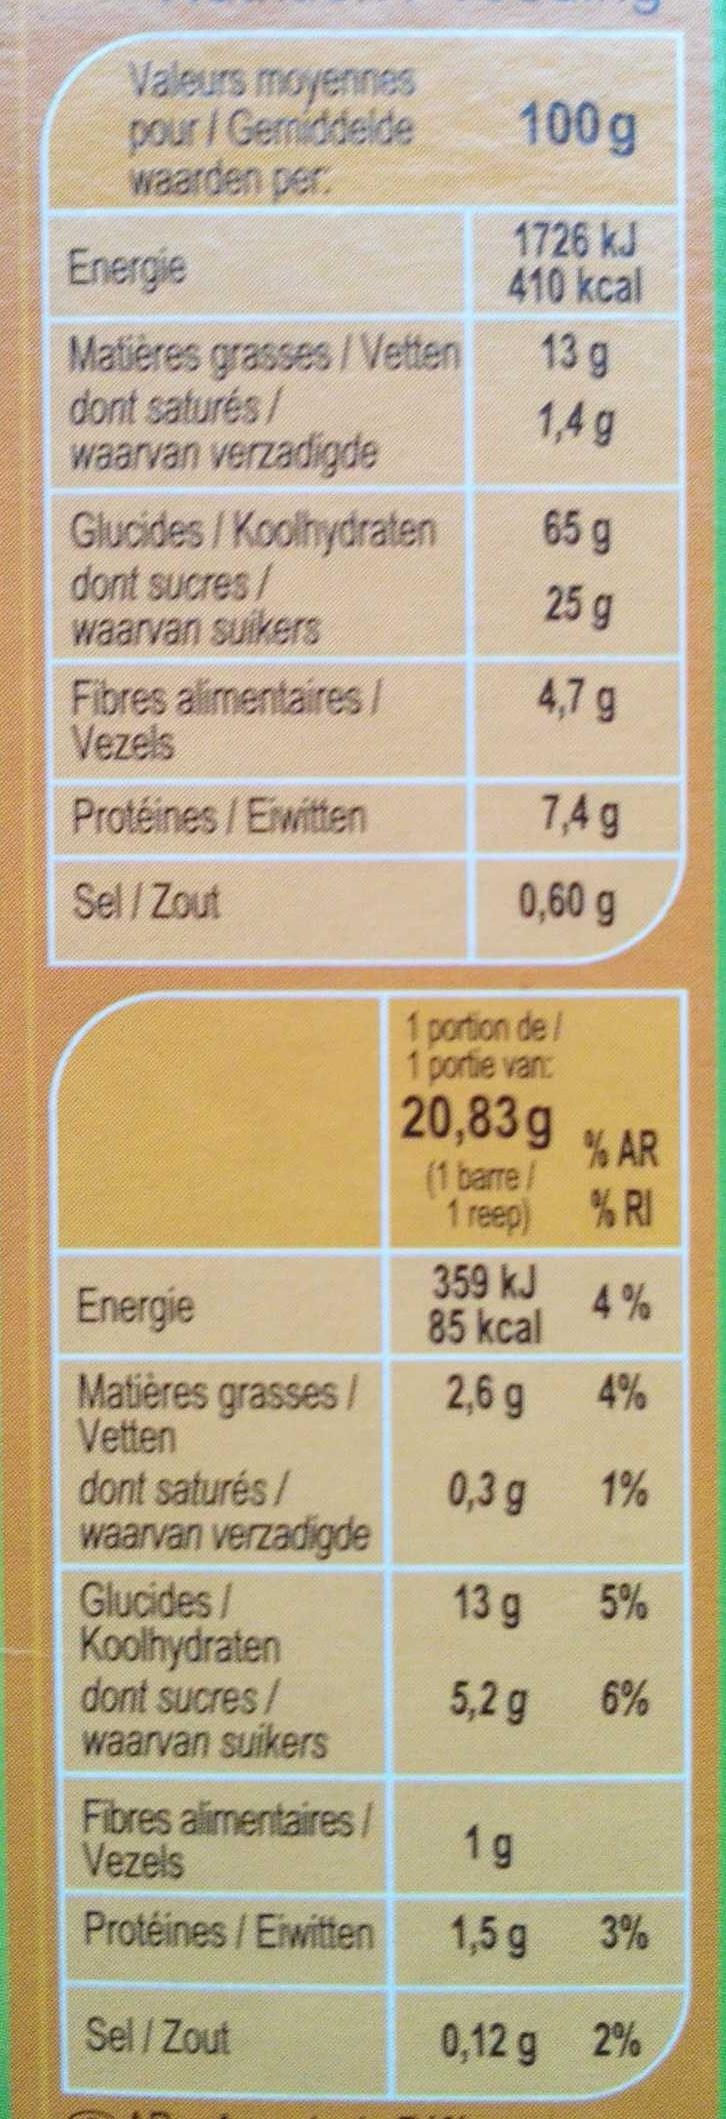 Barritas de cereales Avellanas - Informació nutricional